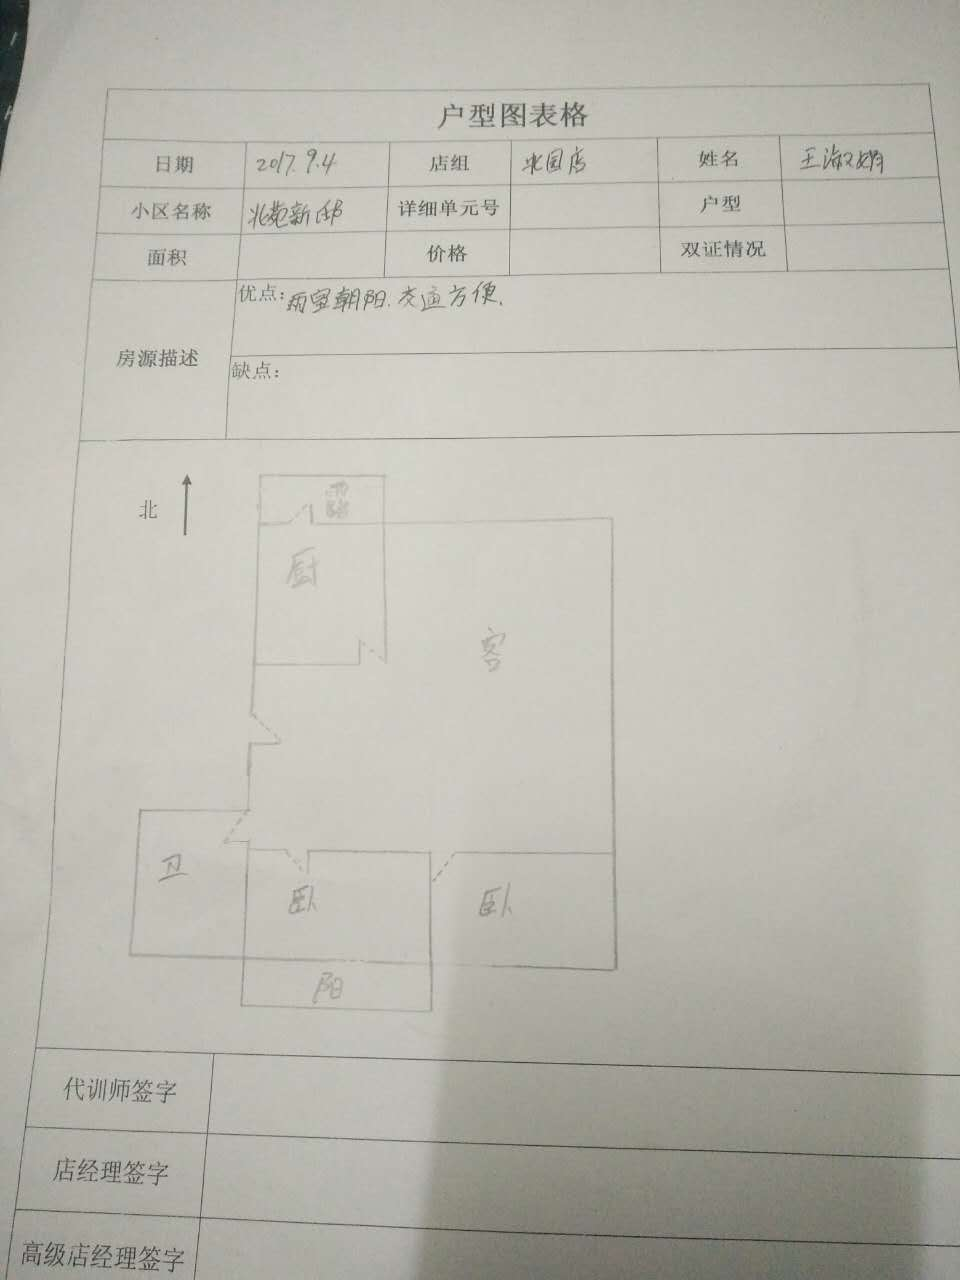 陵东街小区 2室2厅 1楼